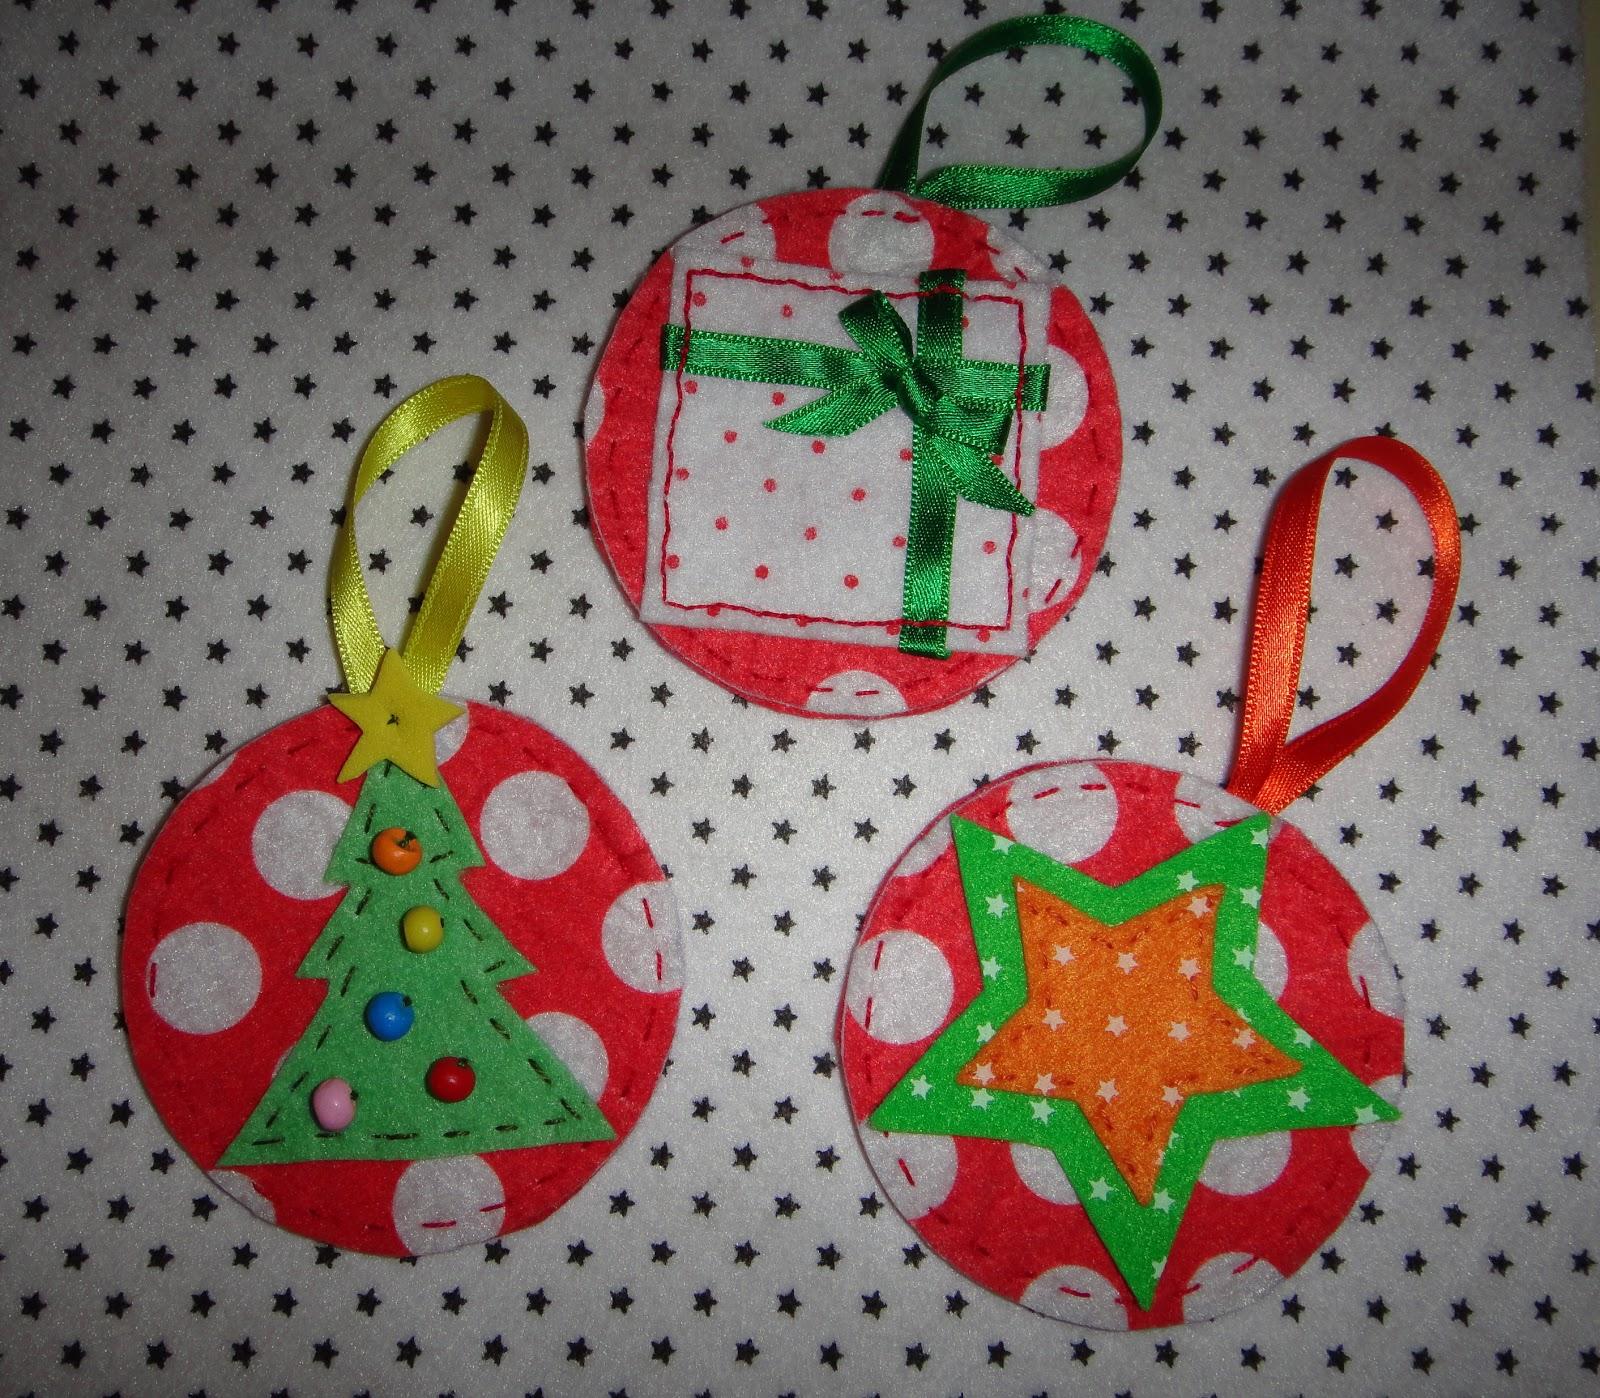 El taller de naid adornos de navidad i - Decoraciones de navidad para ninos ...